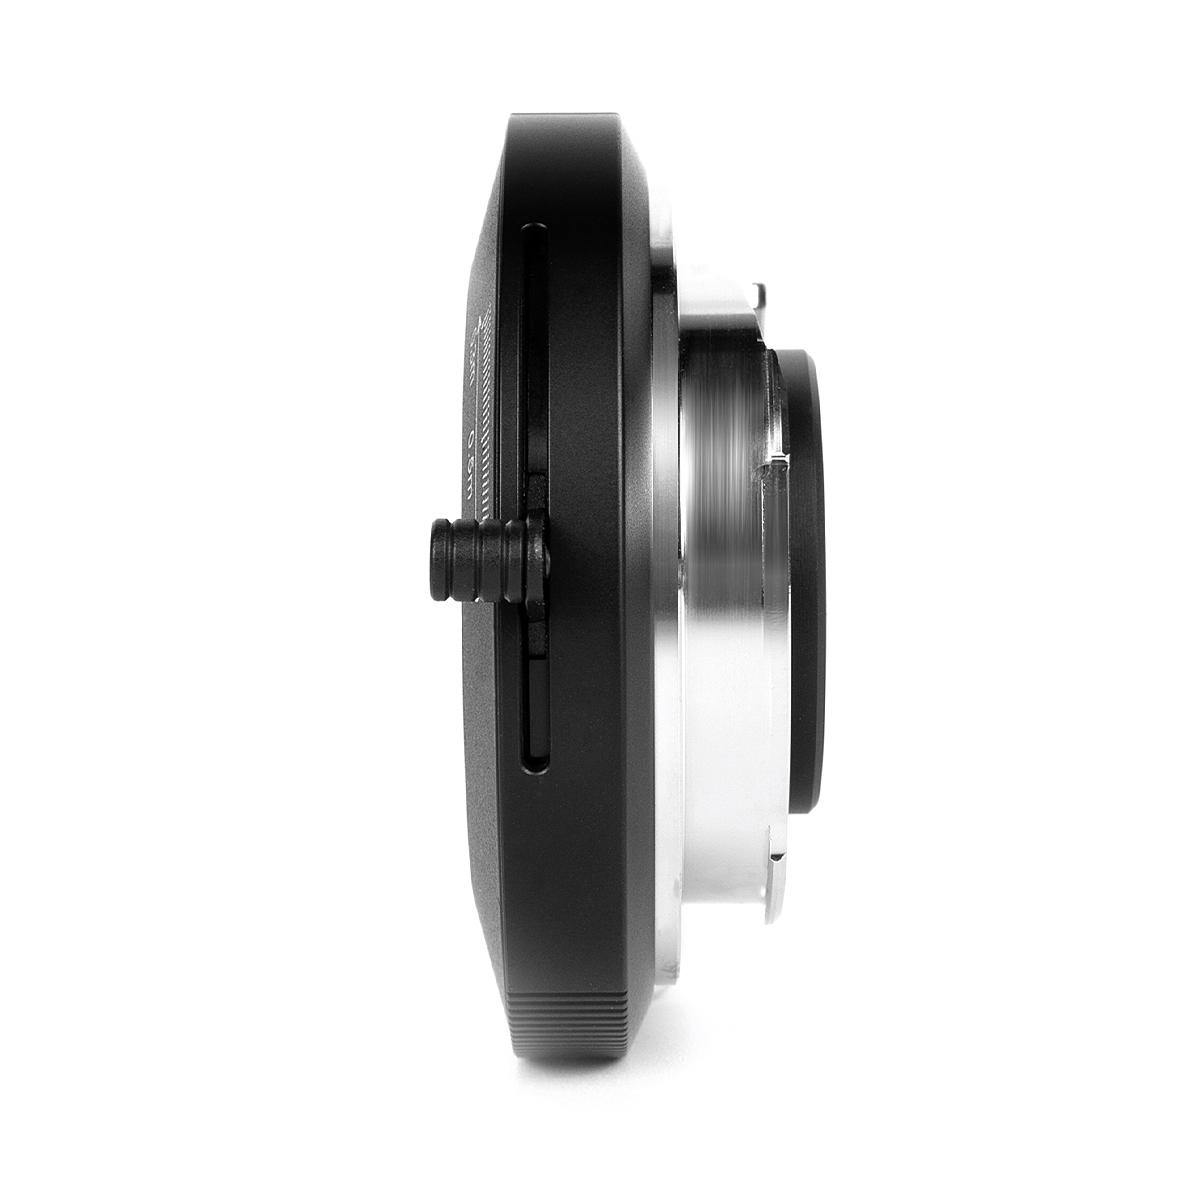 七工匠 7Artisans 35mm F5.6 ボディキャップレンズ ライカMマウント ブラック